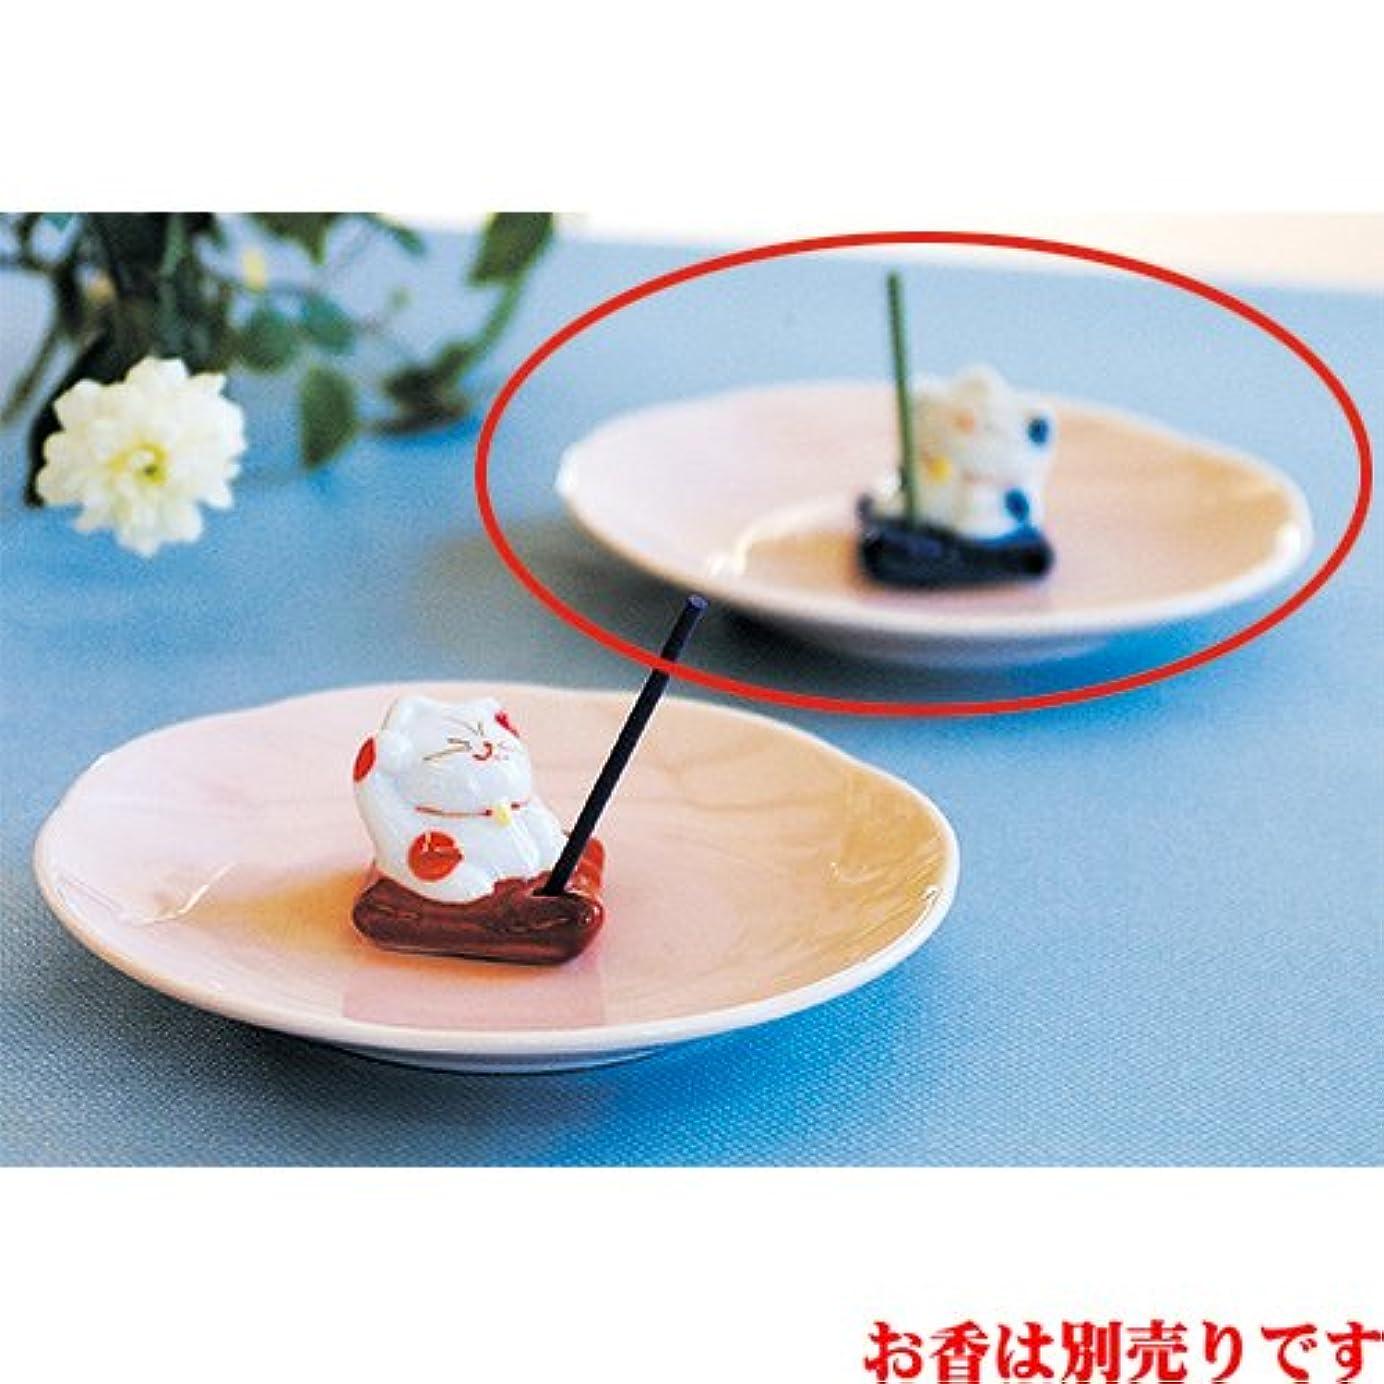 バングシャツ消す香皿 ザブトンネコ 香皿 ブルー [R12.5xH4cm] プレゼント ギフト 和食器 かわいい インテリア